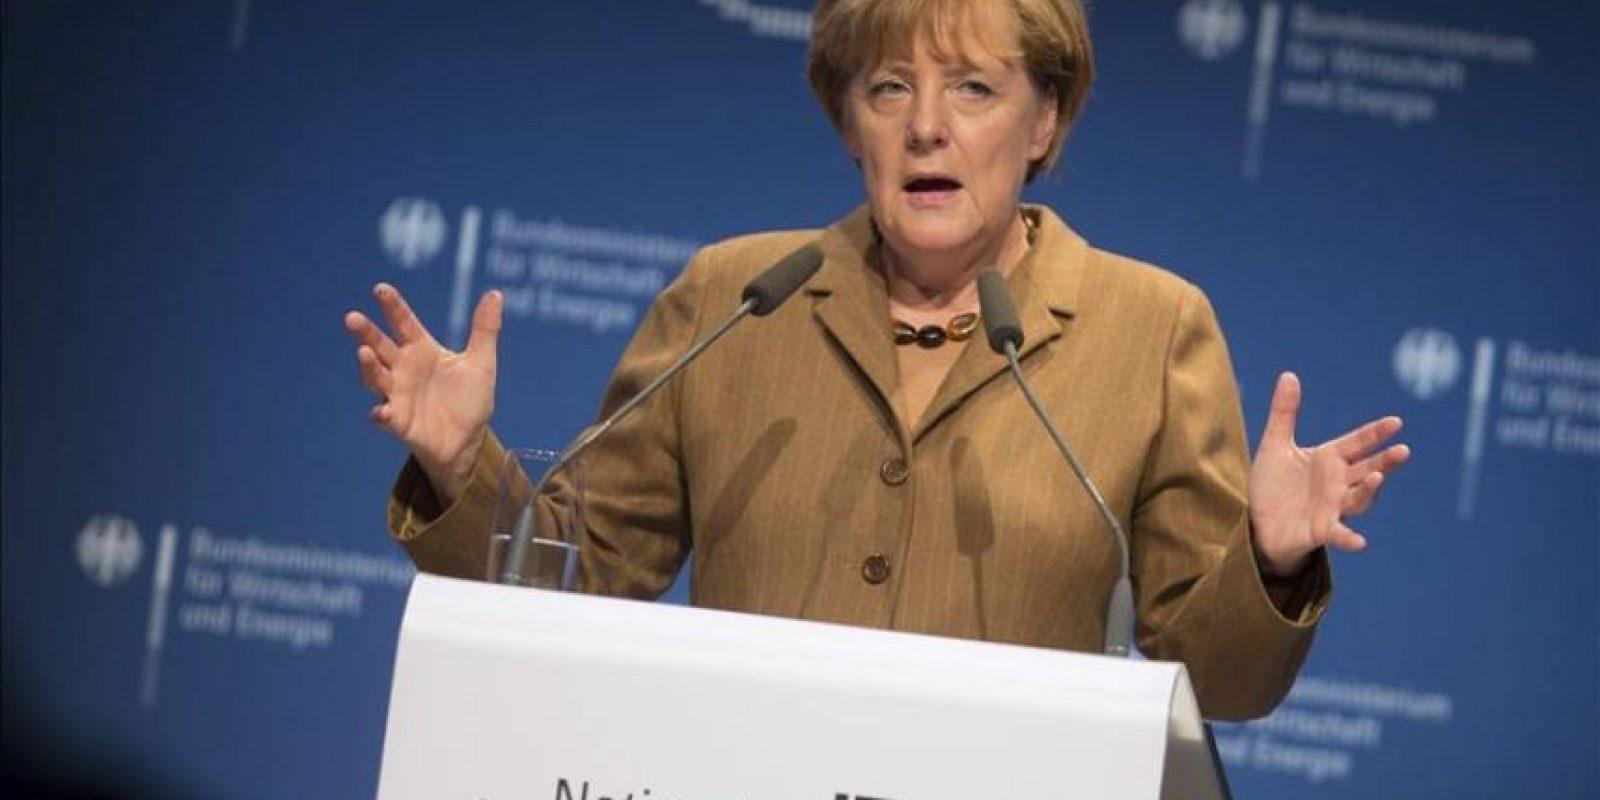 """La canciller alemana, Angela Merkel, pronuncia su discurso durante la reunión """"IT Summit"""" que se celebra en Hamburgo (Alemania). EFE/Archivo"""